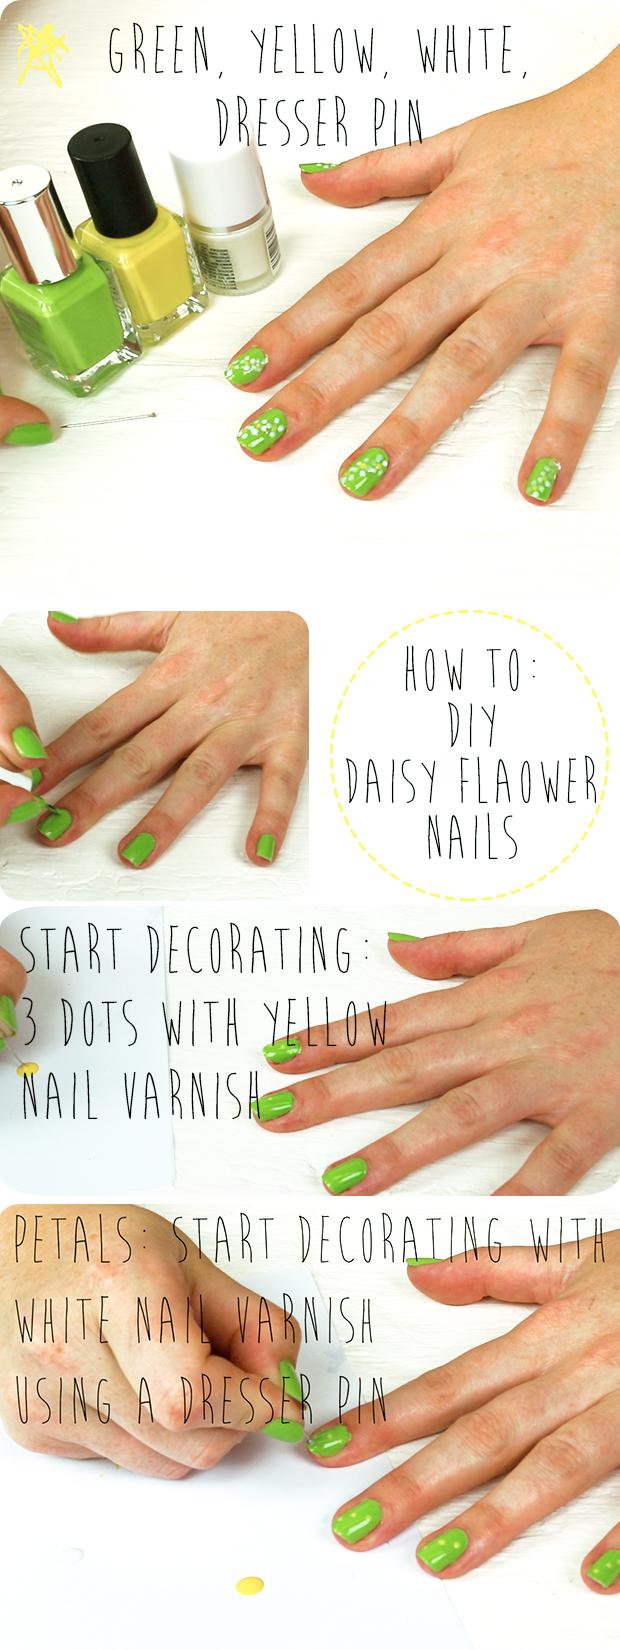 HOW TO: DIY Daisy Nails